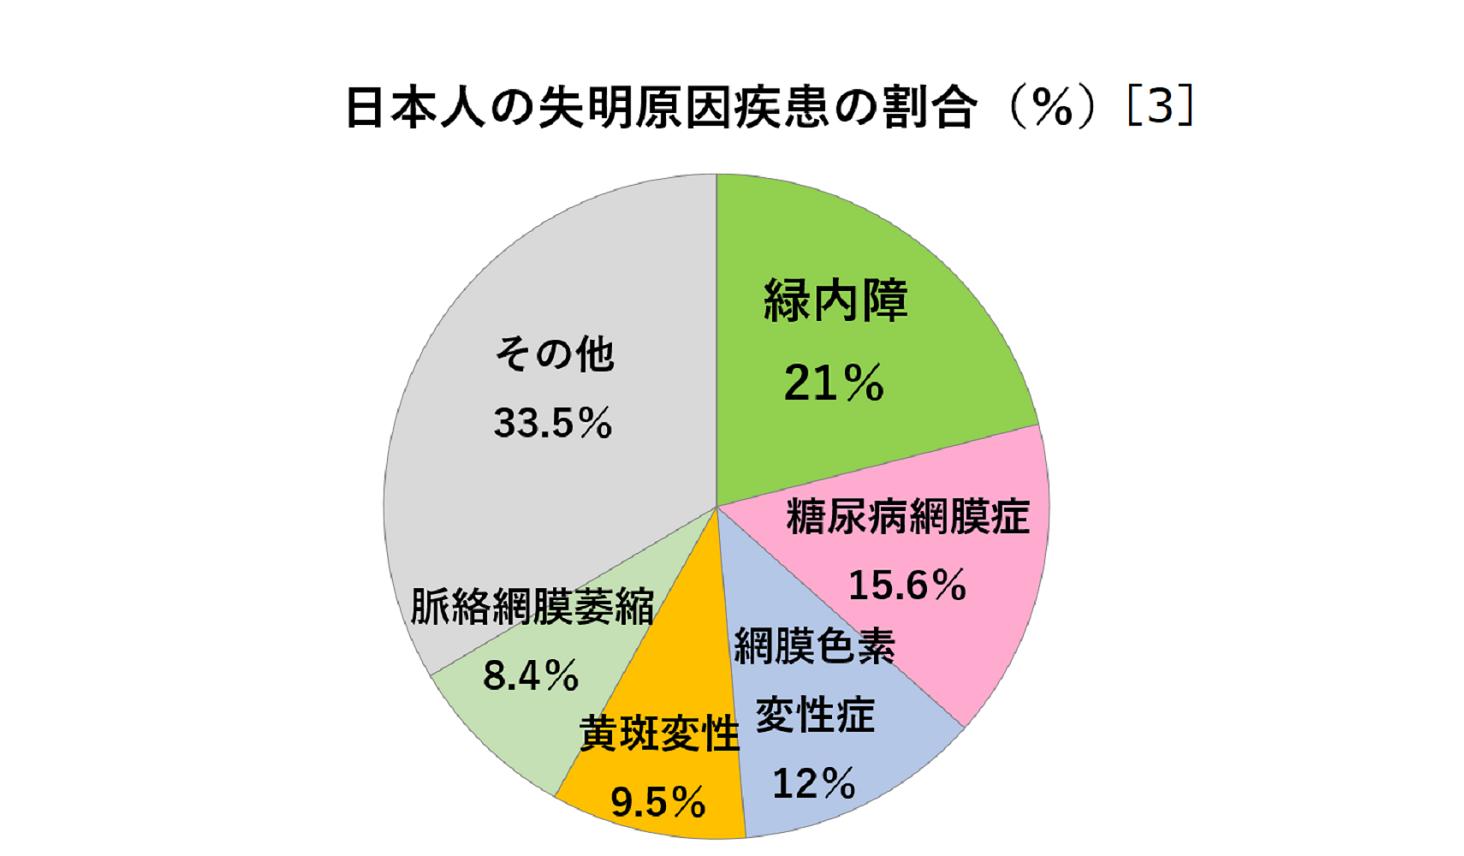 日本の失明原因疾患の割合を示した円グラフ